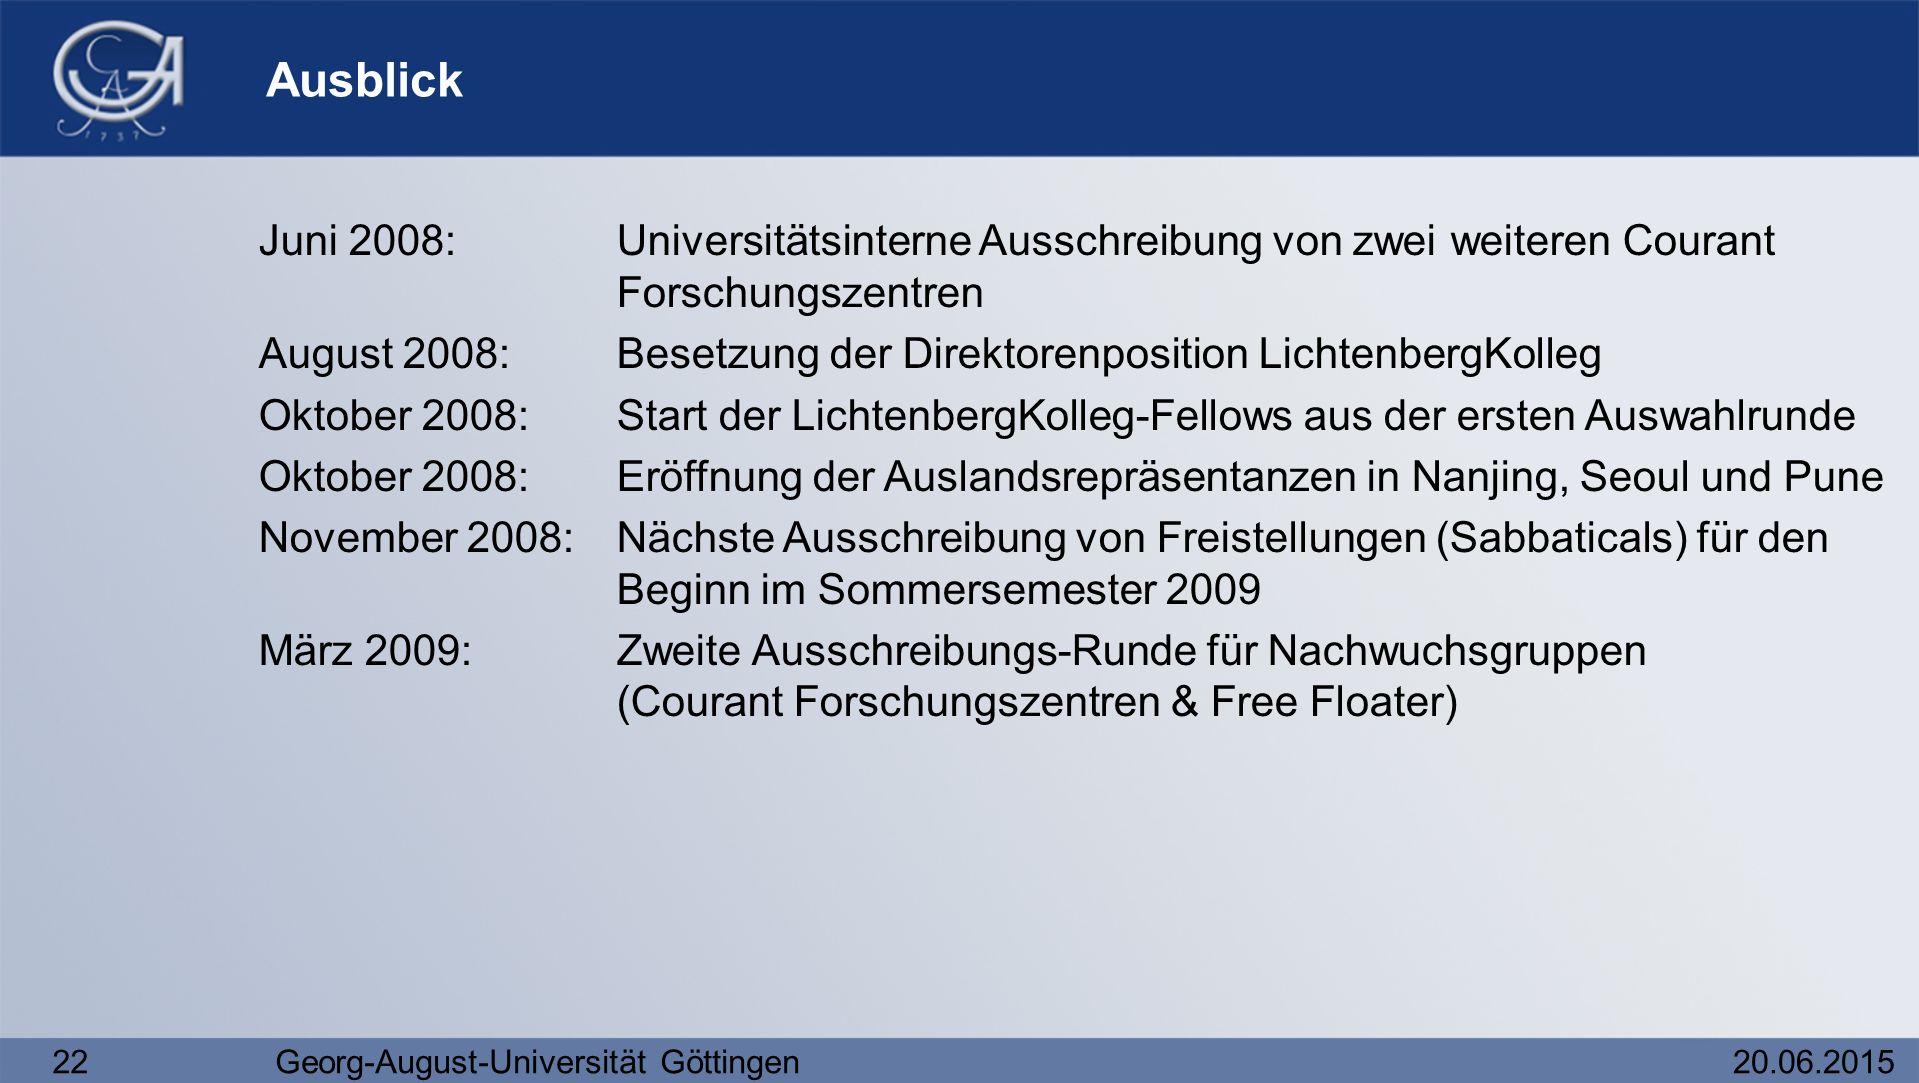 22Georg-August-Universität Göttingen20.06.2015 Ausblick Juni 2008:Universitätsinterne Ausschreibung von zwei weiteren Courant Forschungszentren August